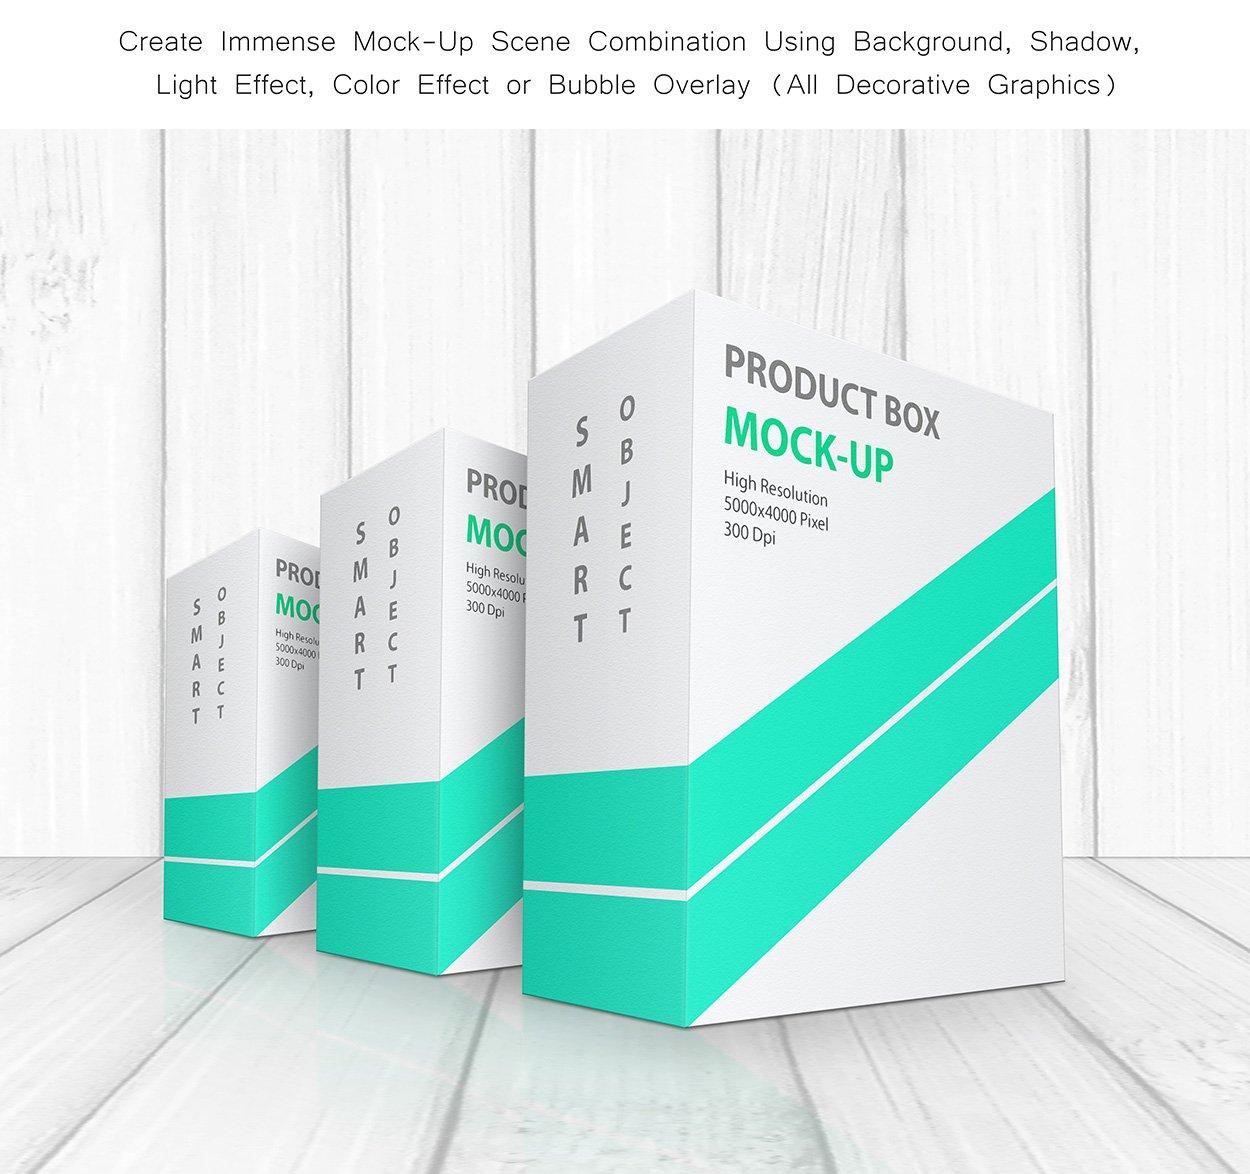 方形产品包装盒设计展示贴图样机模板 Product Box Mock-Up 09插图4